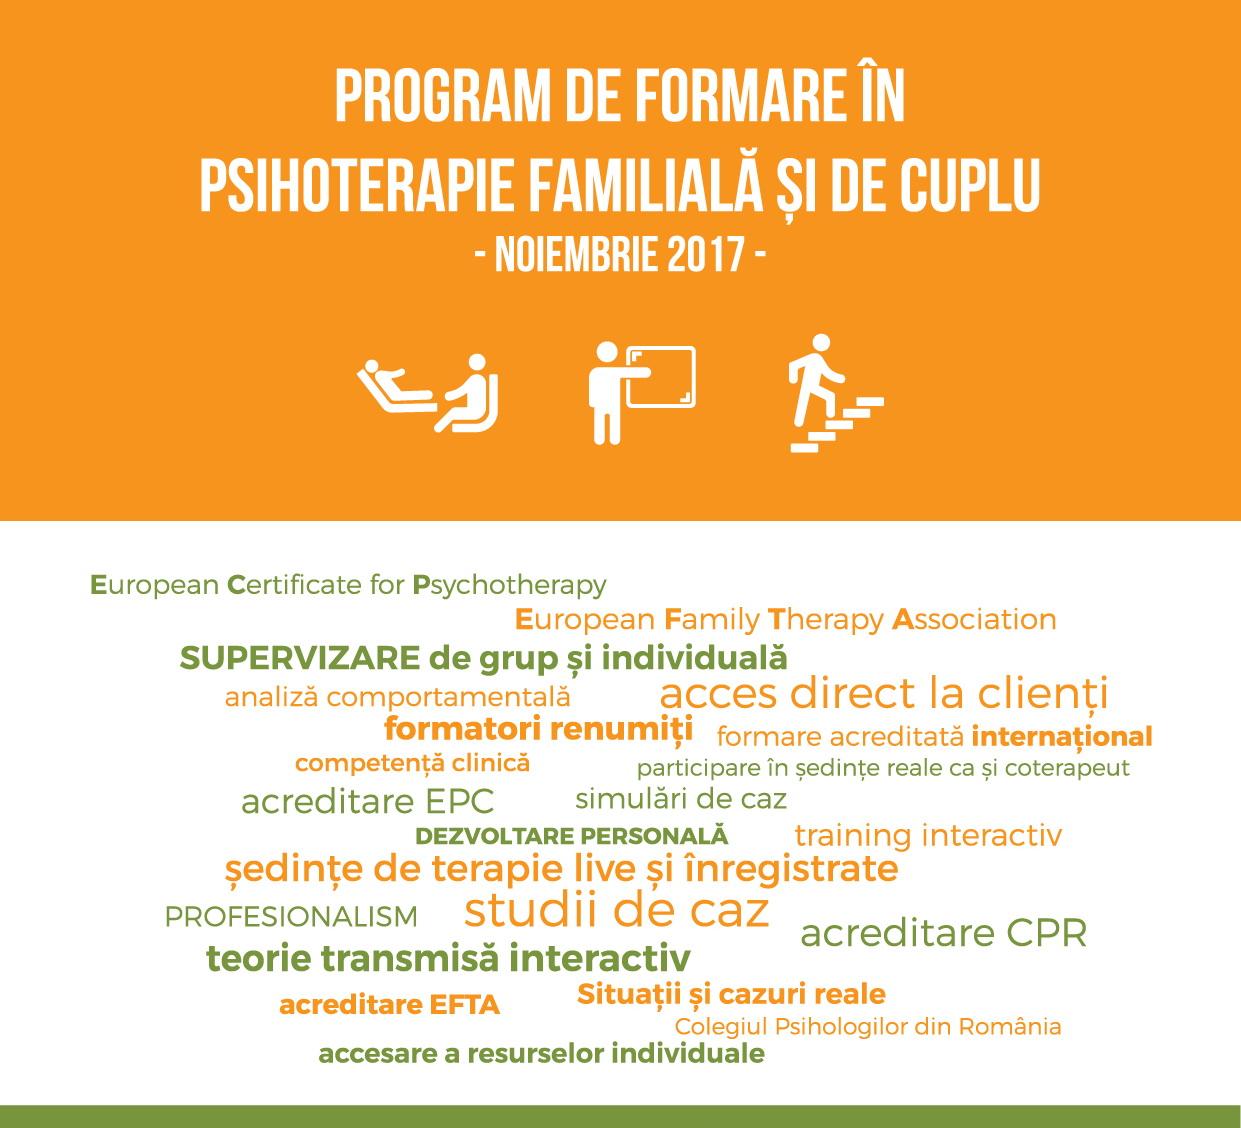 Formare în terapie familială și de cuplu